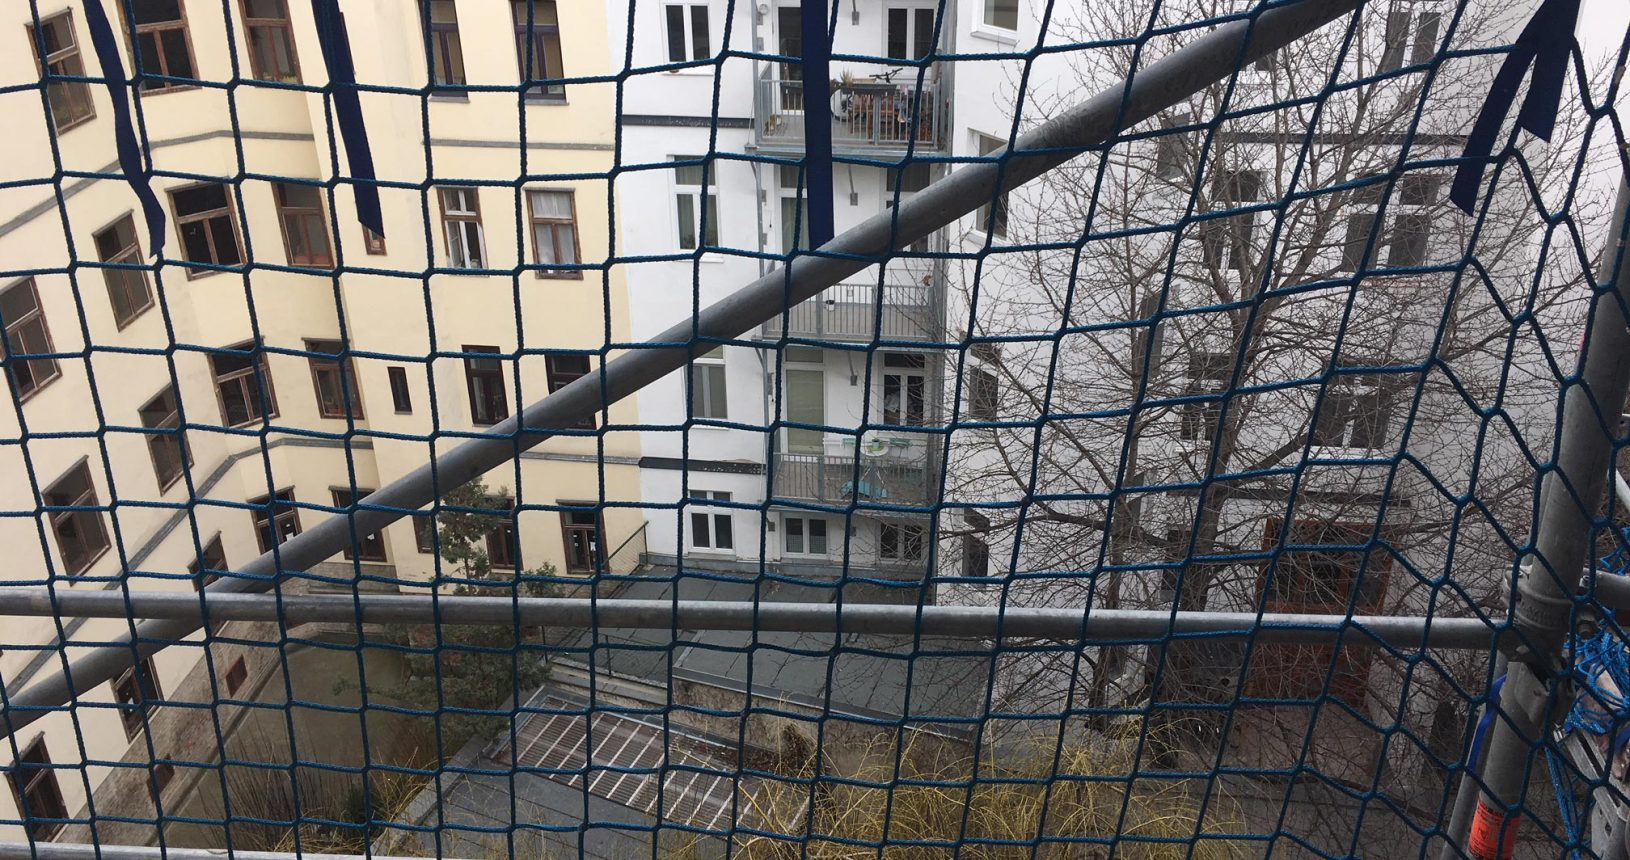 Klosterneuburgerstraße Wien: Erweiterung eines Altbaus